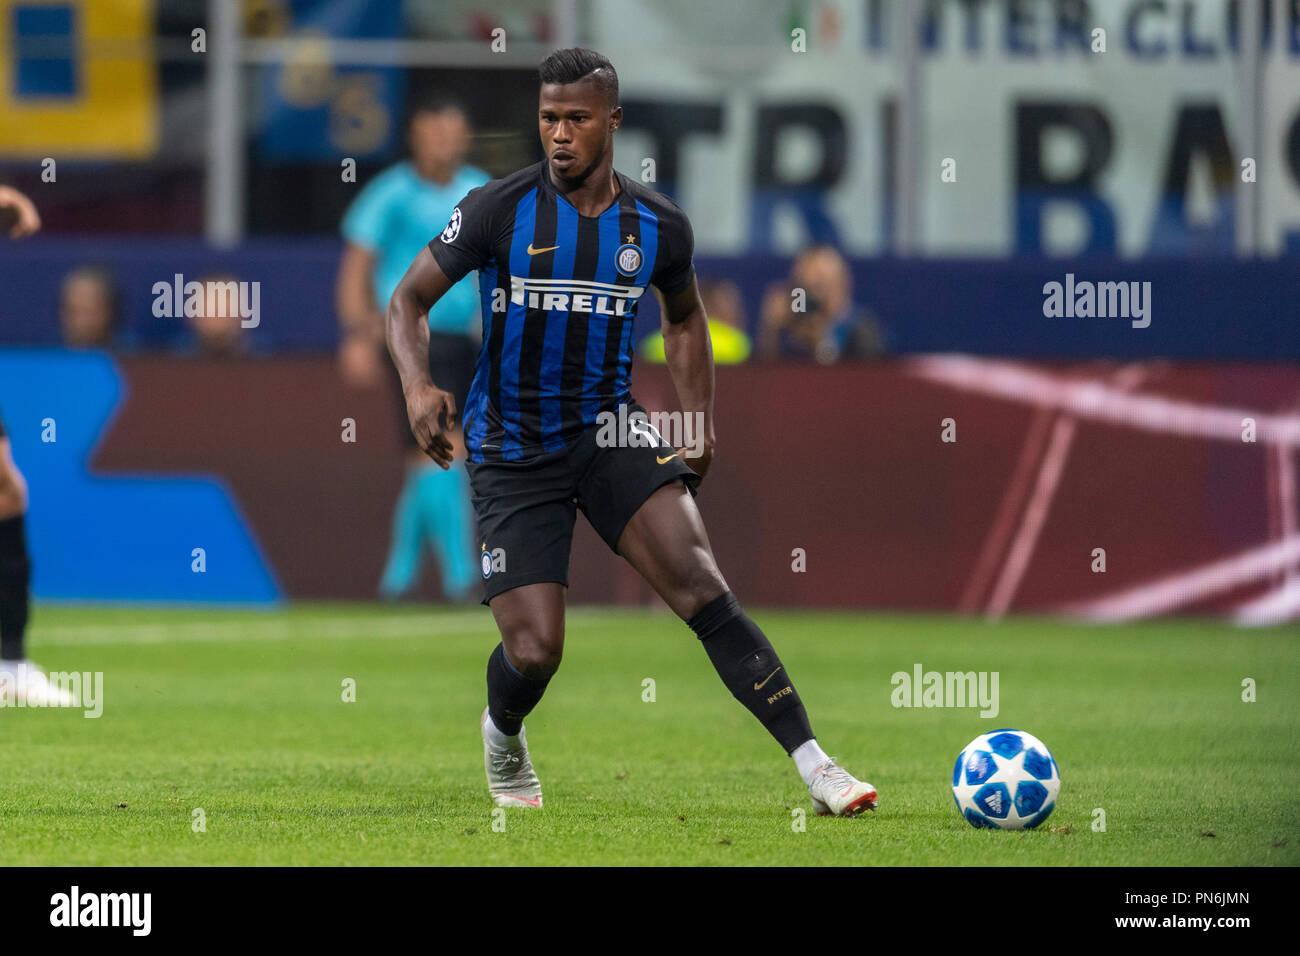 Keita Balde Diao (Inter) during